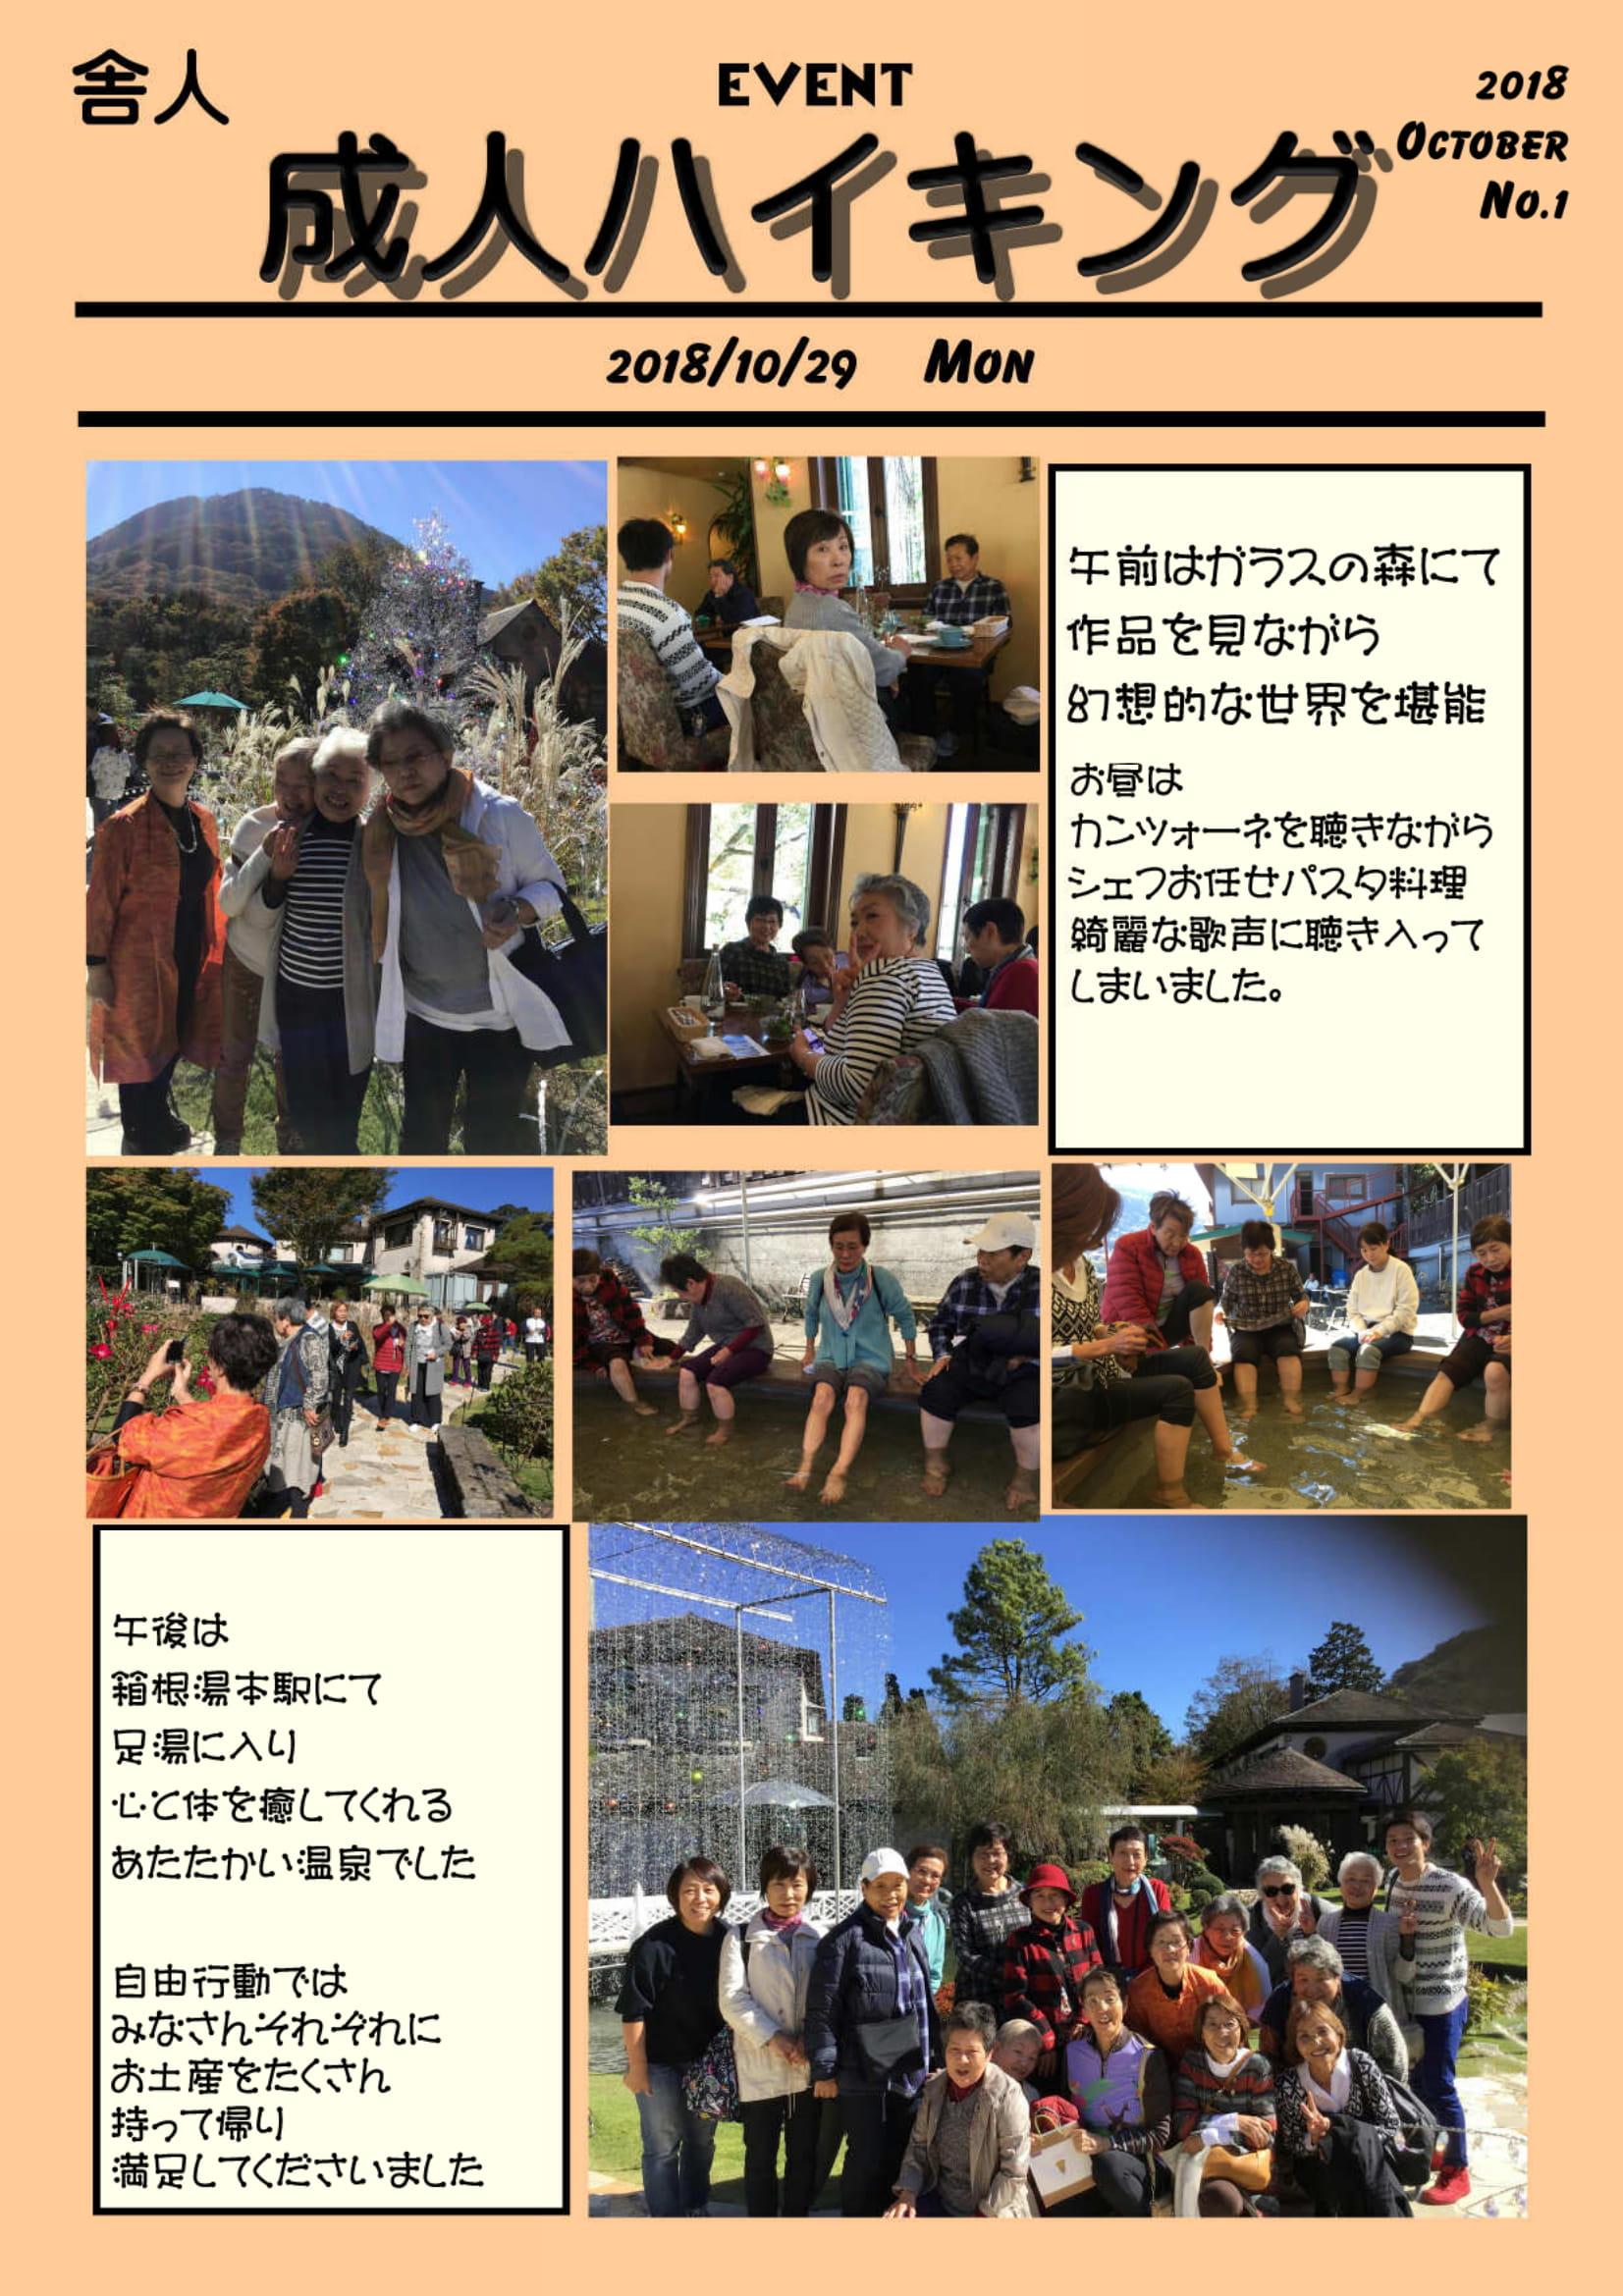 舎人スイミング 「成人イベント in 箱根」に行ってきました!